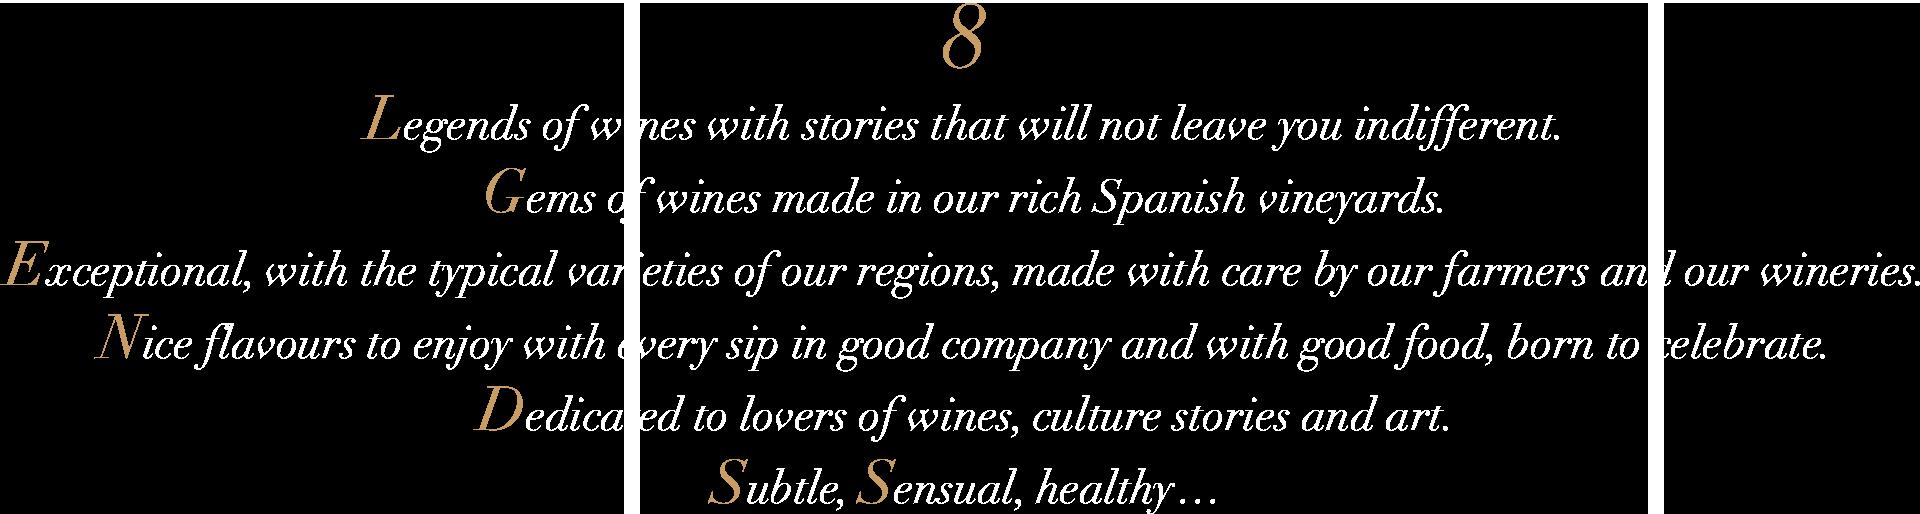 8Lgends - presentacion marca eng